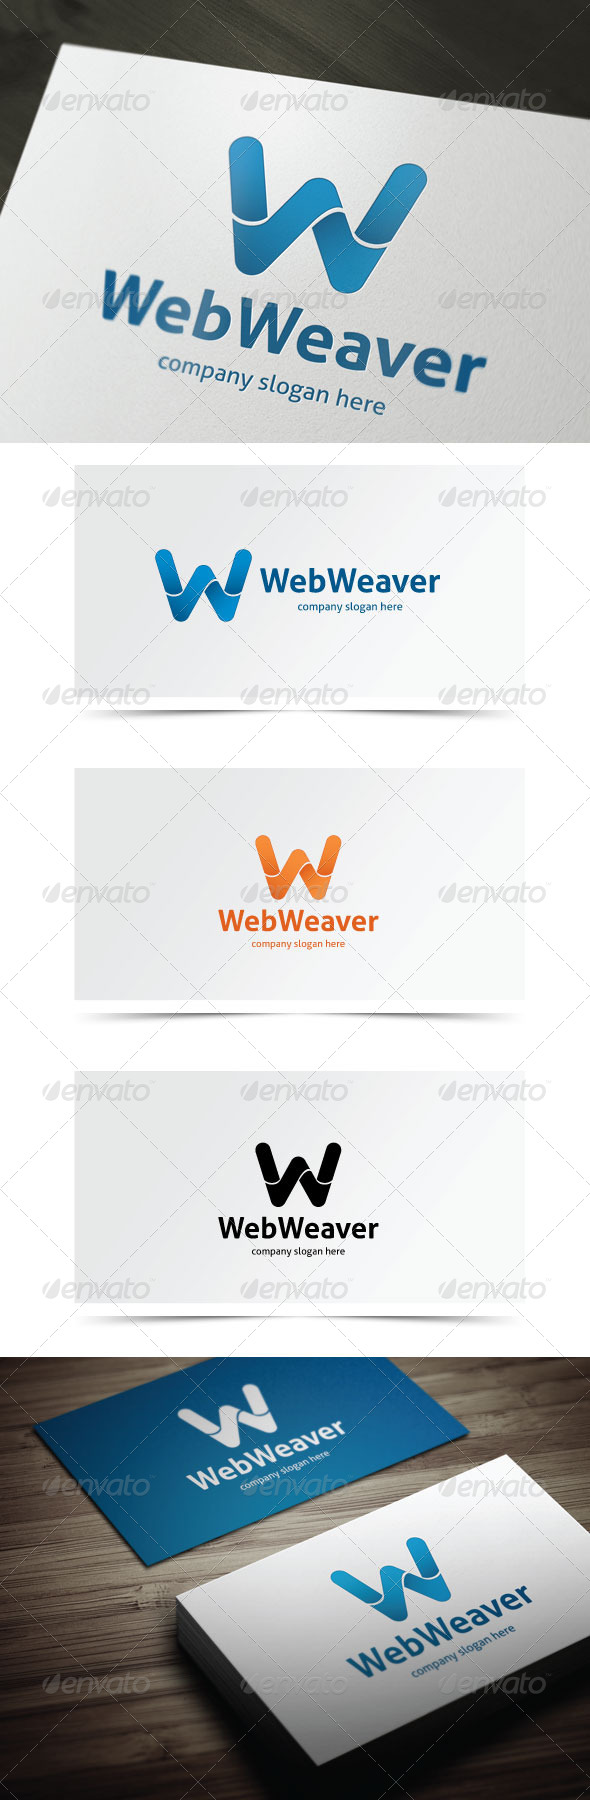 Web Weaver - Letters Logo Templates